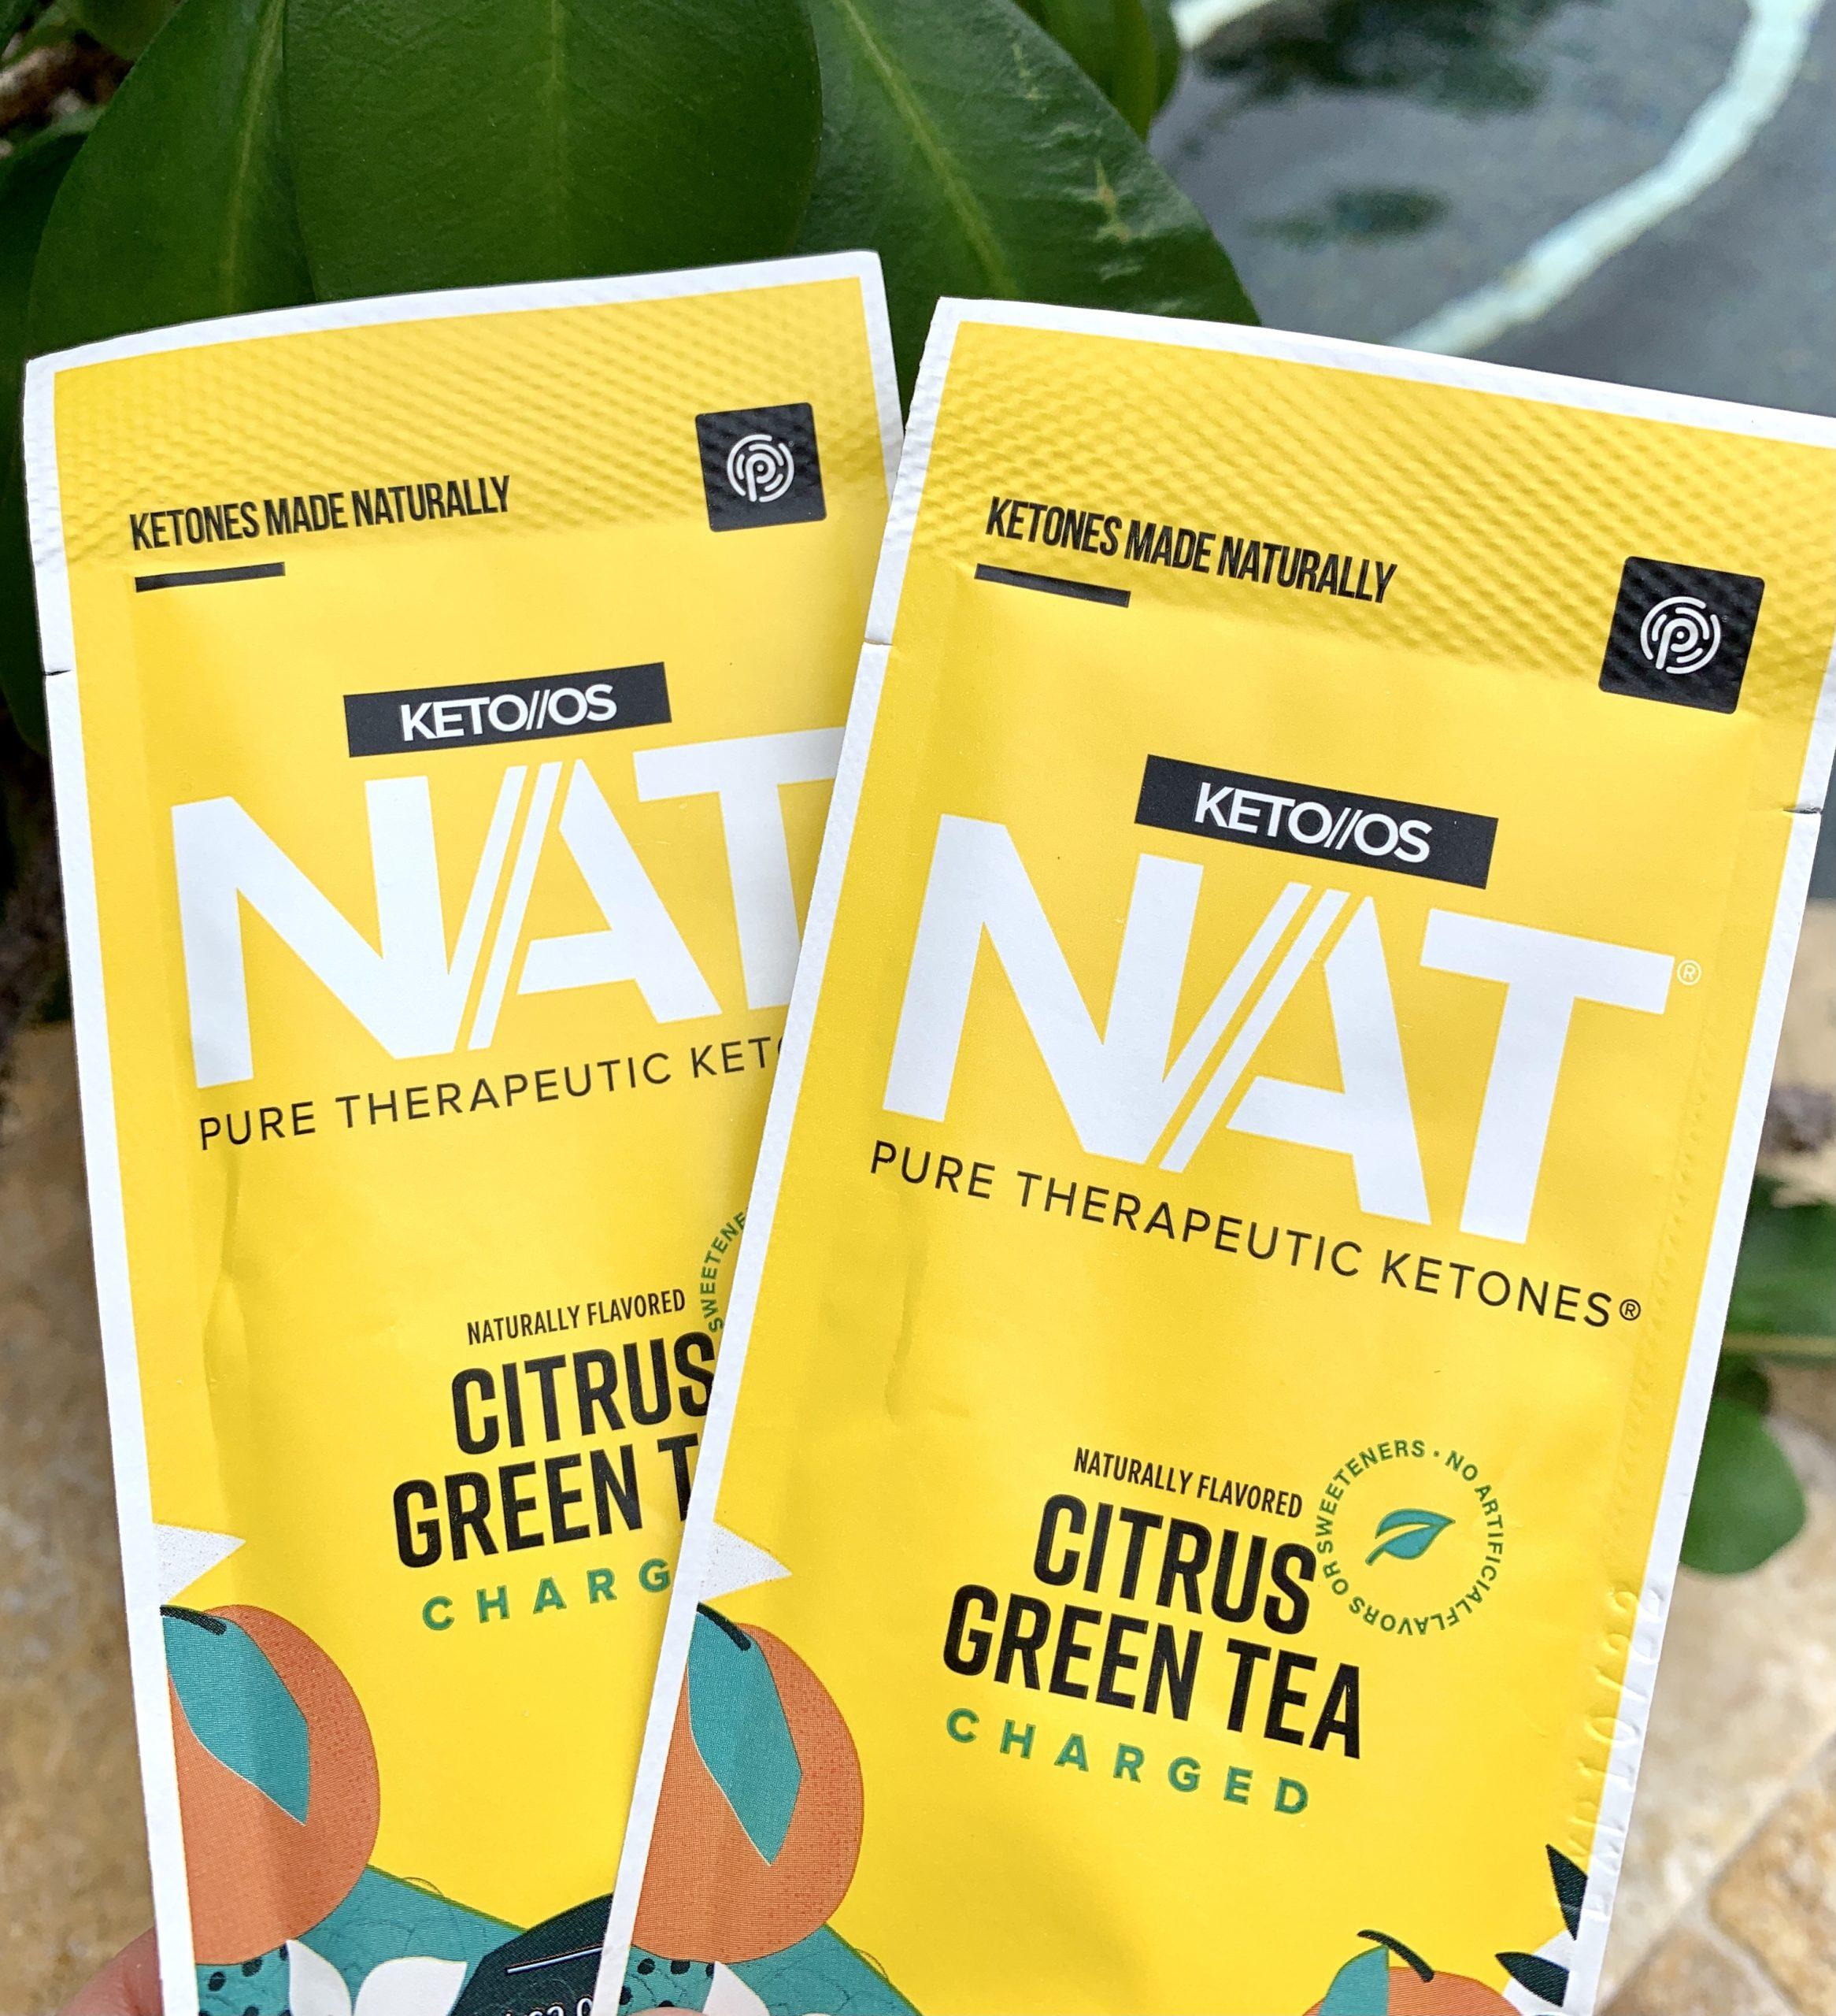 citrus green tea samples